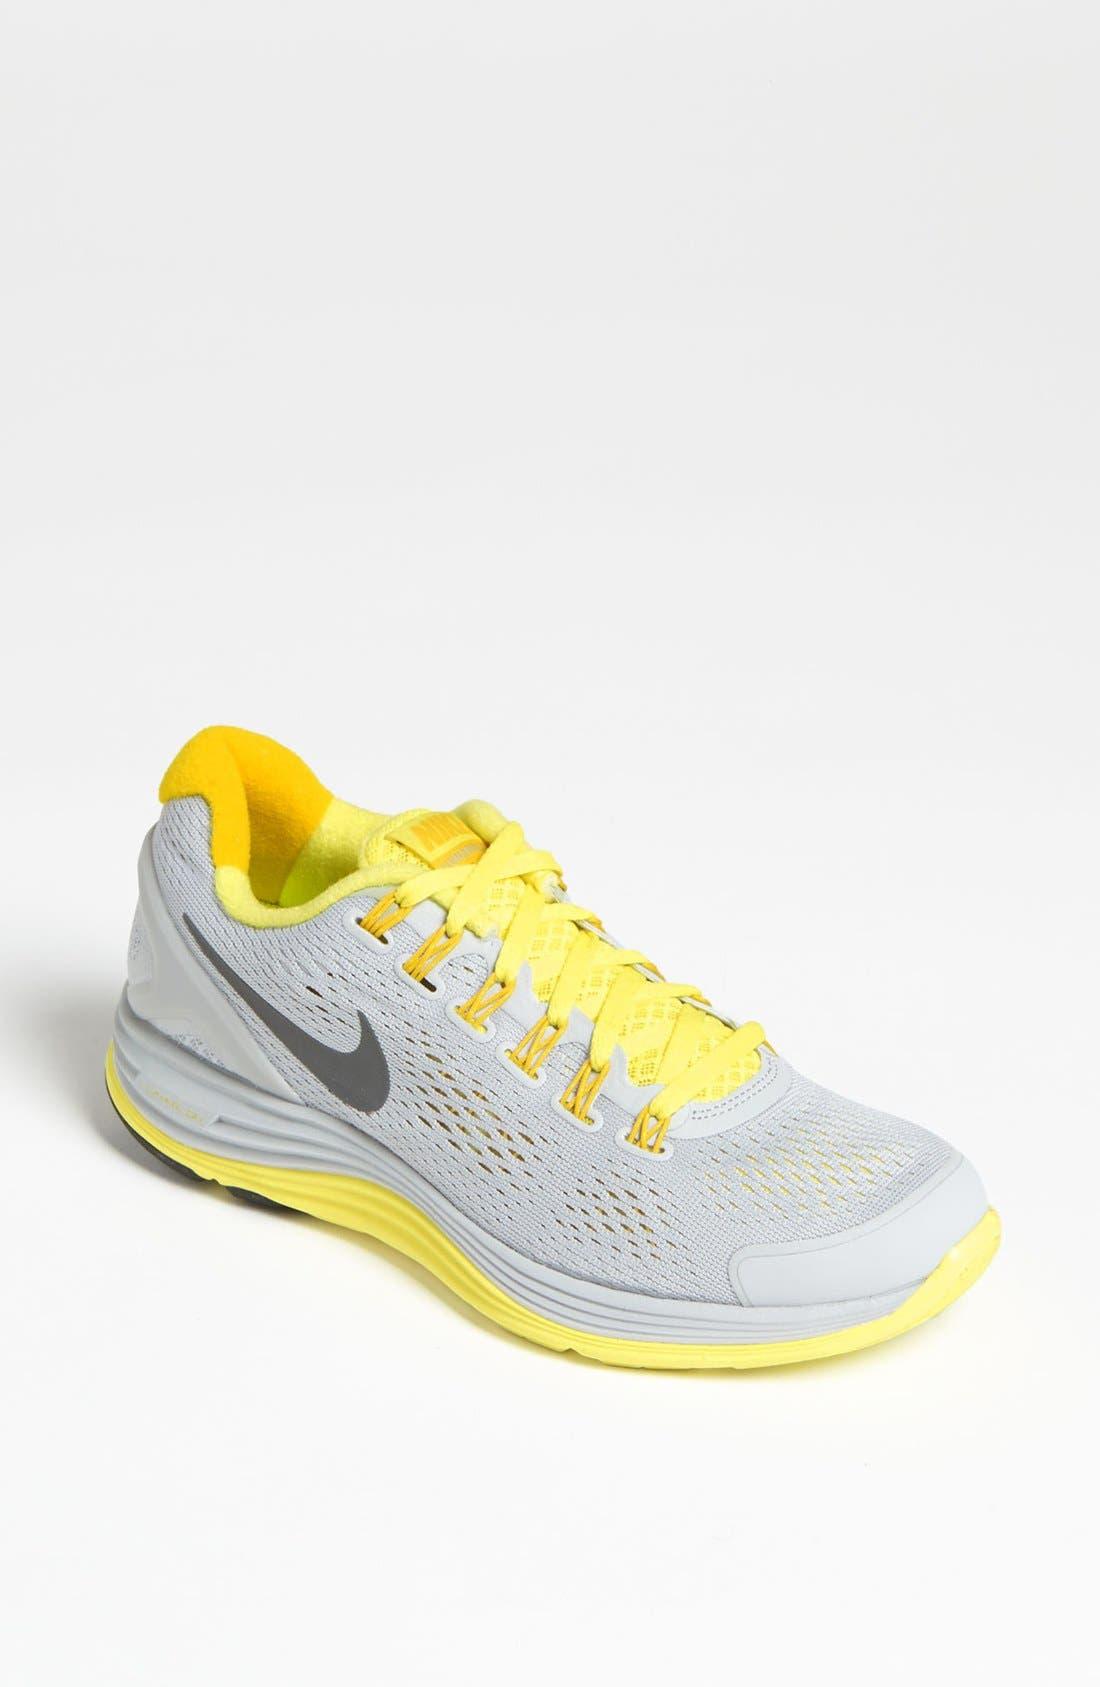 Alternate Image 1 Selected - Nike 'LunarGlide+ 4' Running Shoe (Women)